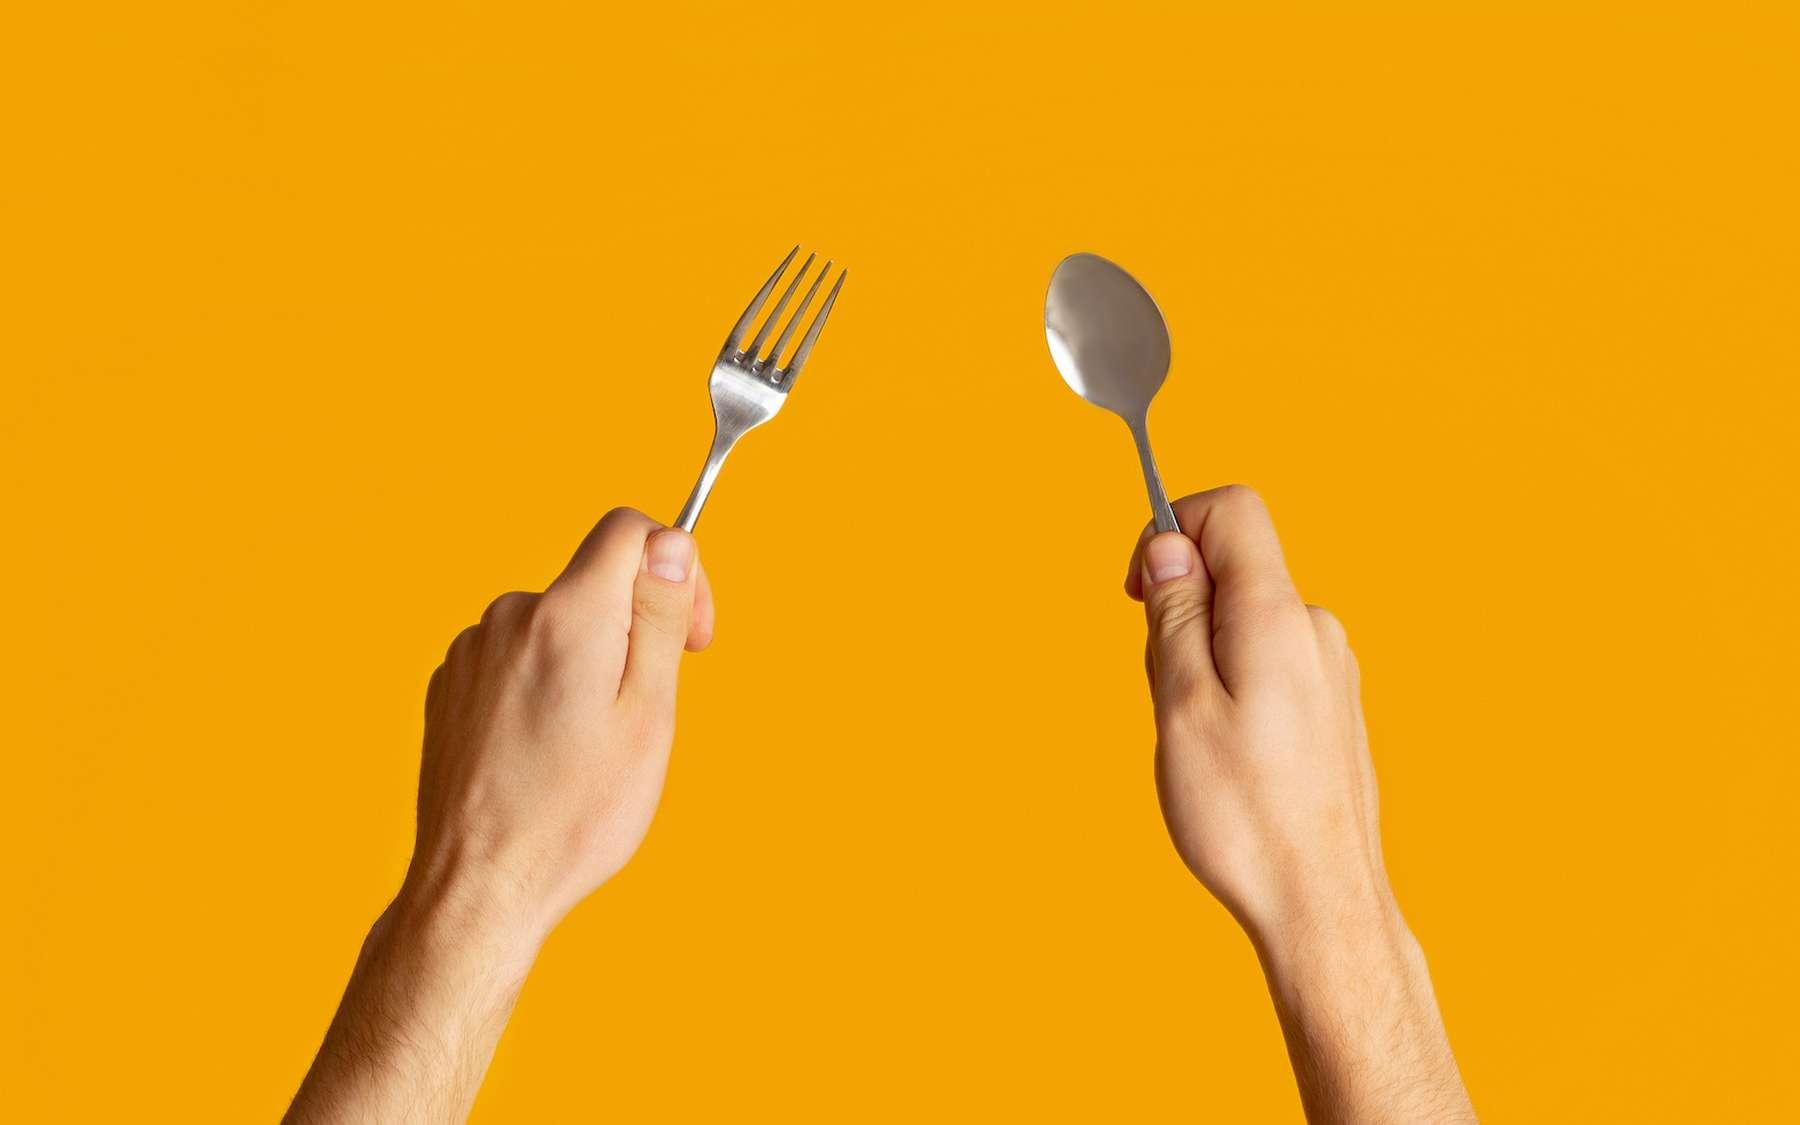 Les petites cuillères ont une valeur d'usage plus importante que les fourchettes. © Prostock-studio, Adobe Stock